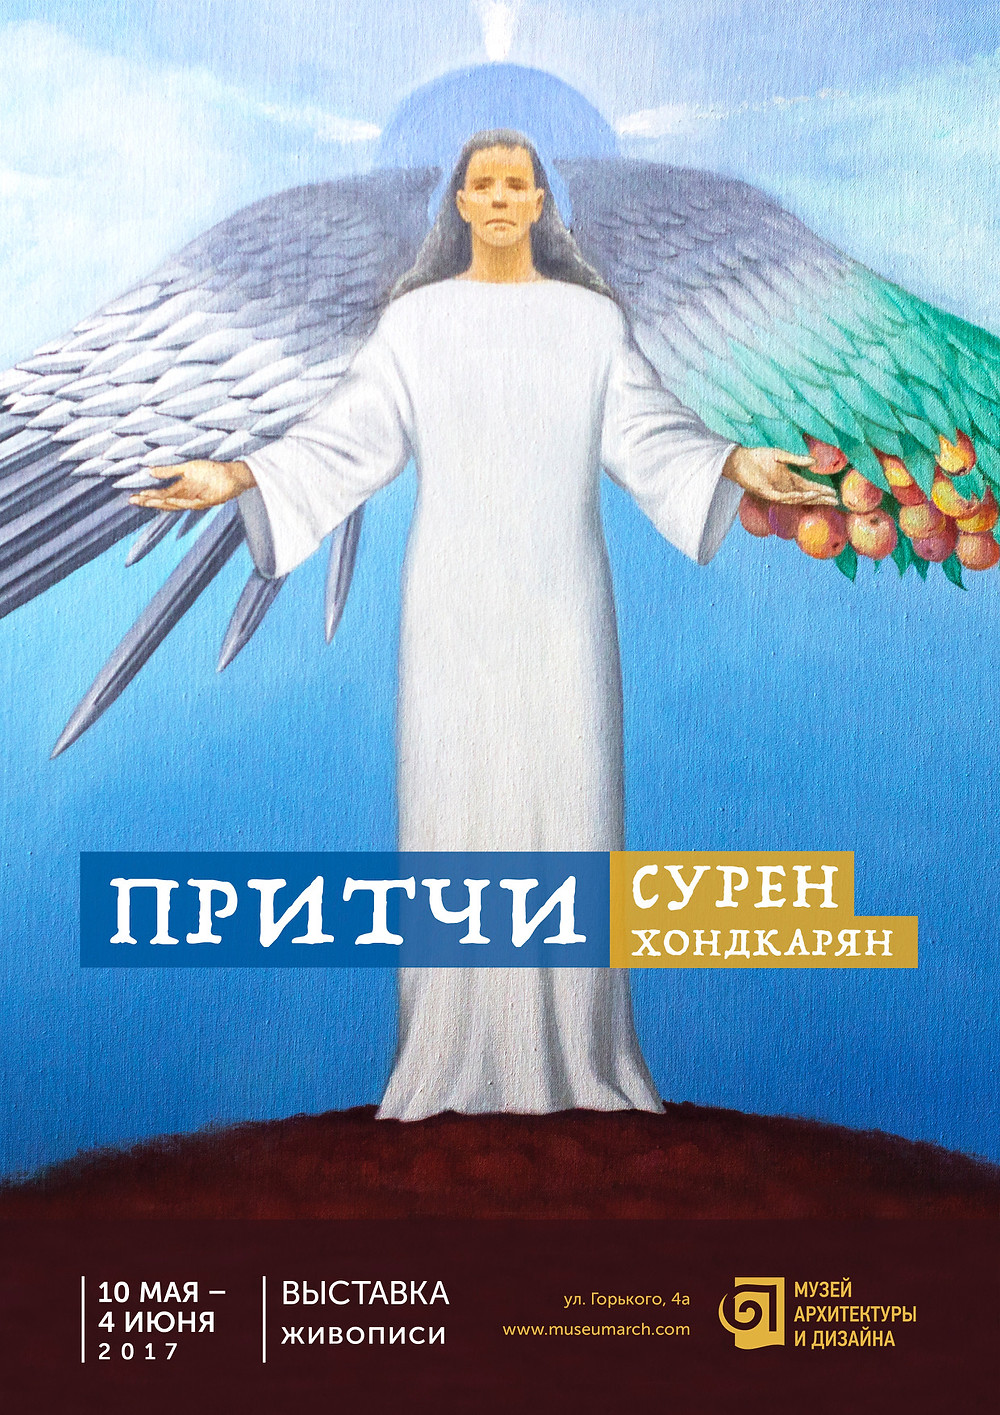 А. Заславский. Автопортрет на плечах Карла Маркса